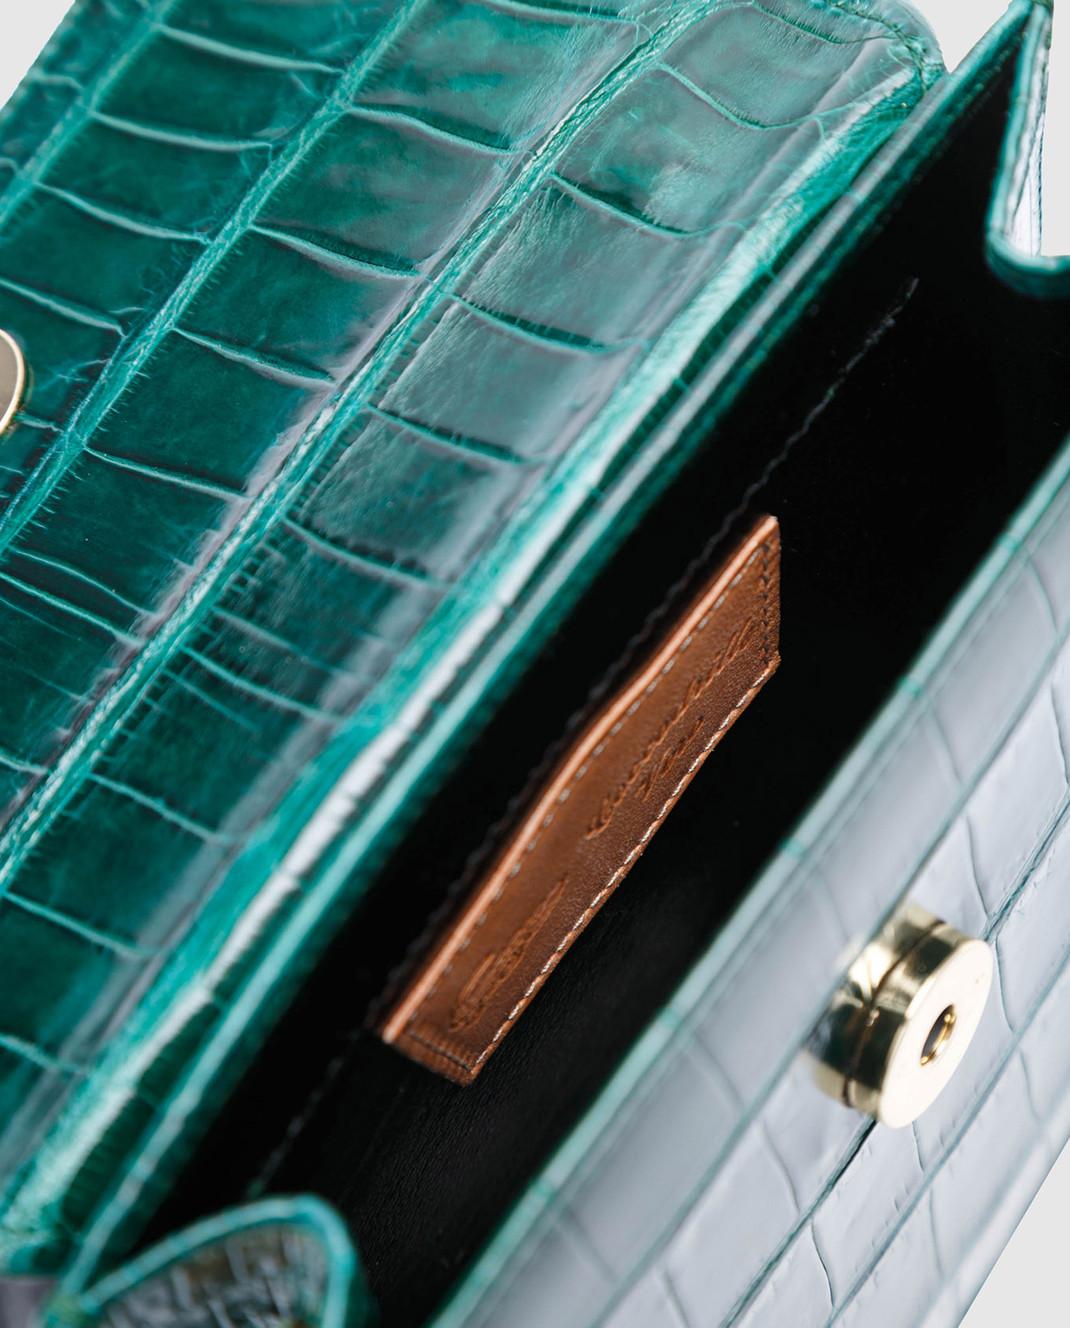 Bochicchio Зеленая кожаная сумка CROCOCLUTCH3 изображение 4